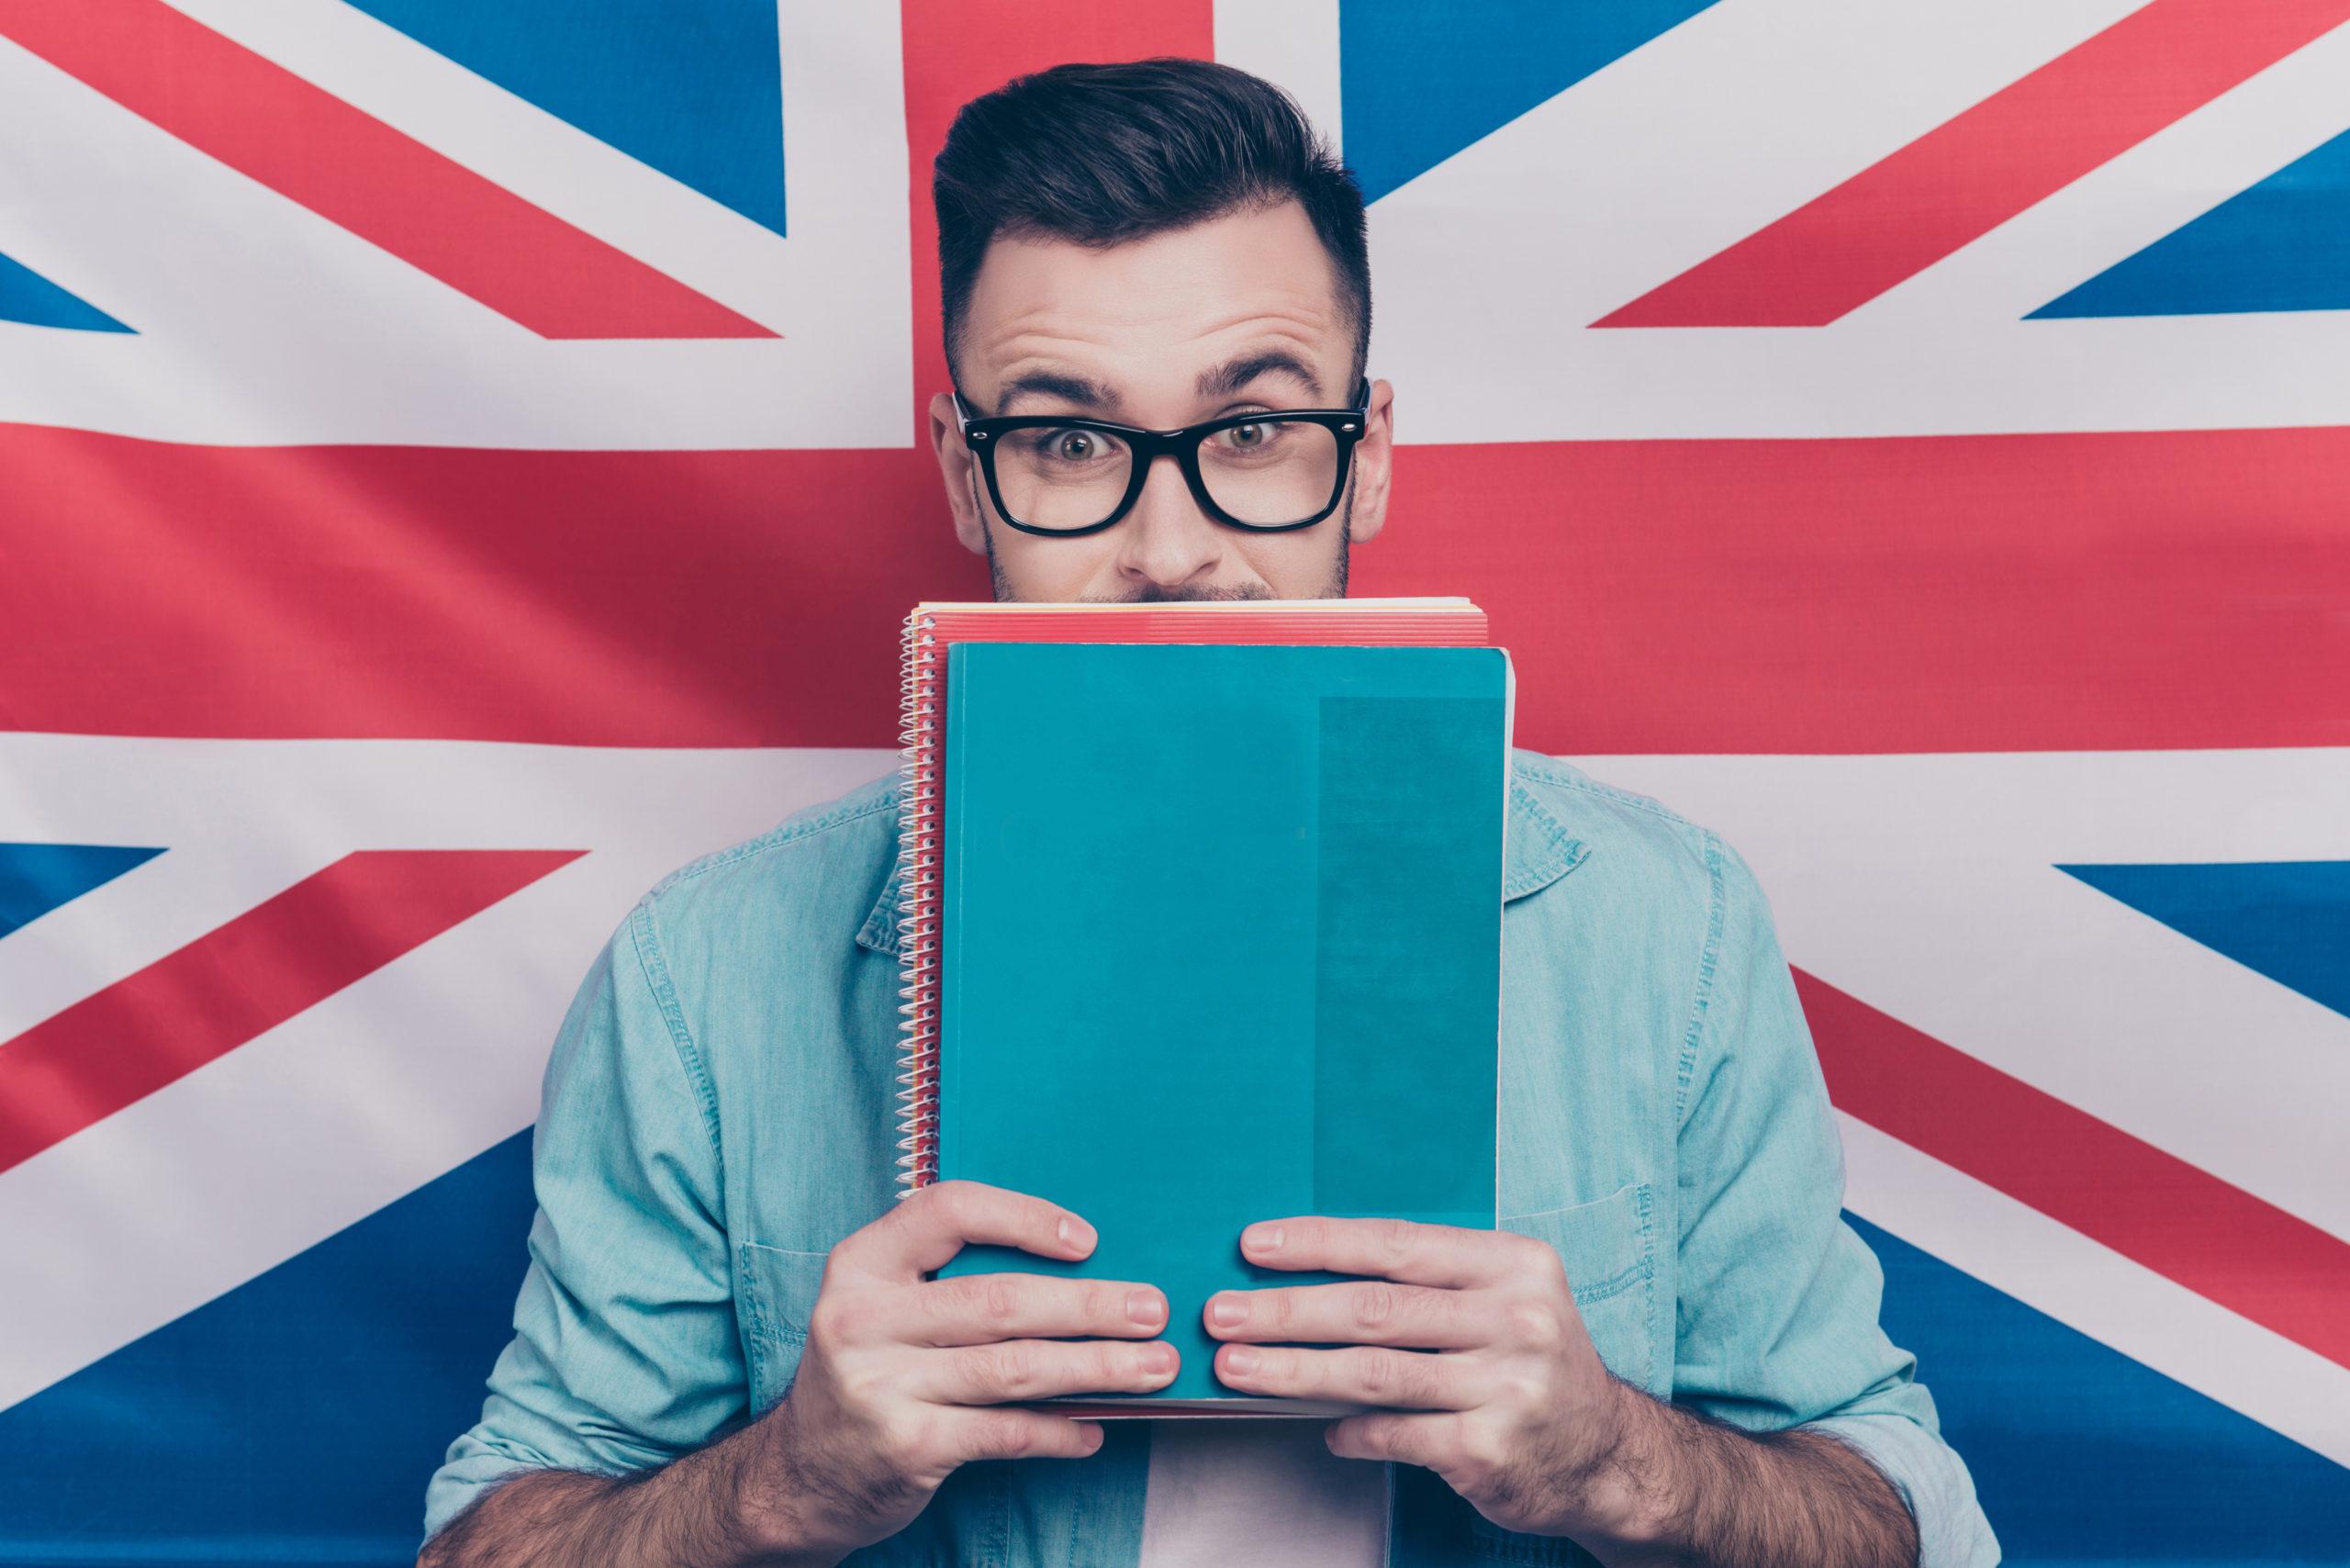 O que é o exame de Cambridge: tudo o que você precisa saber!